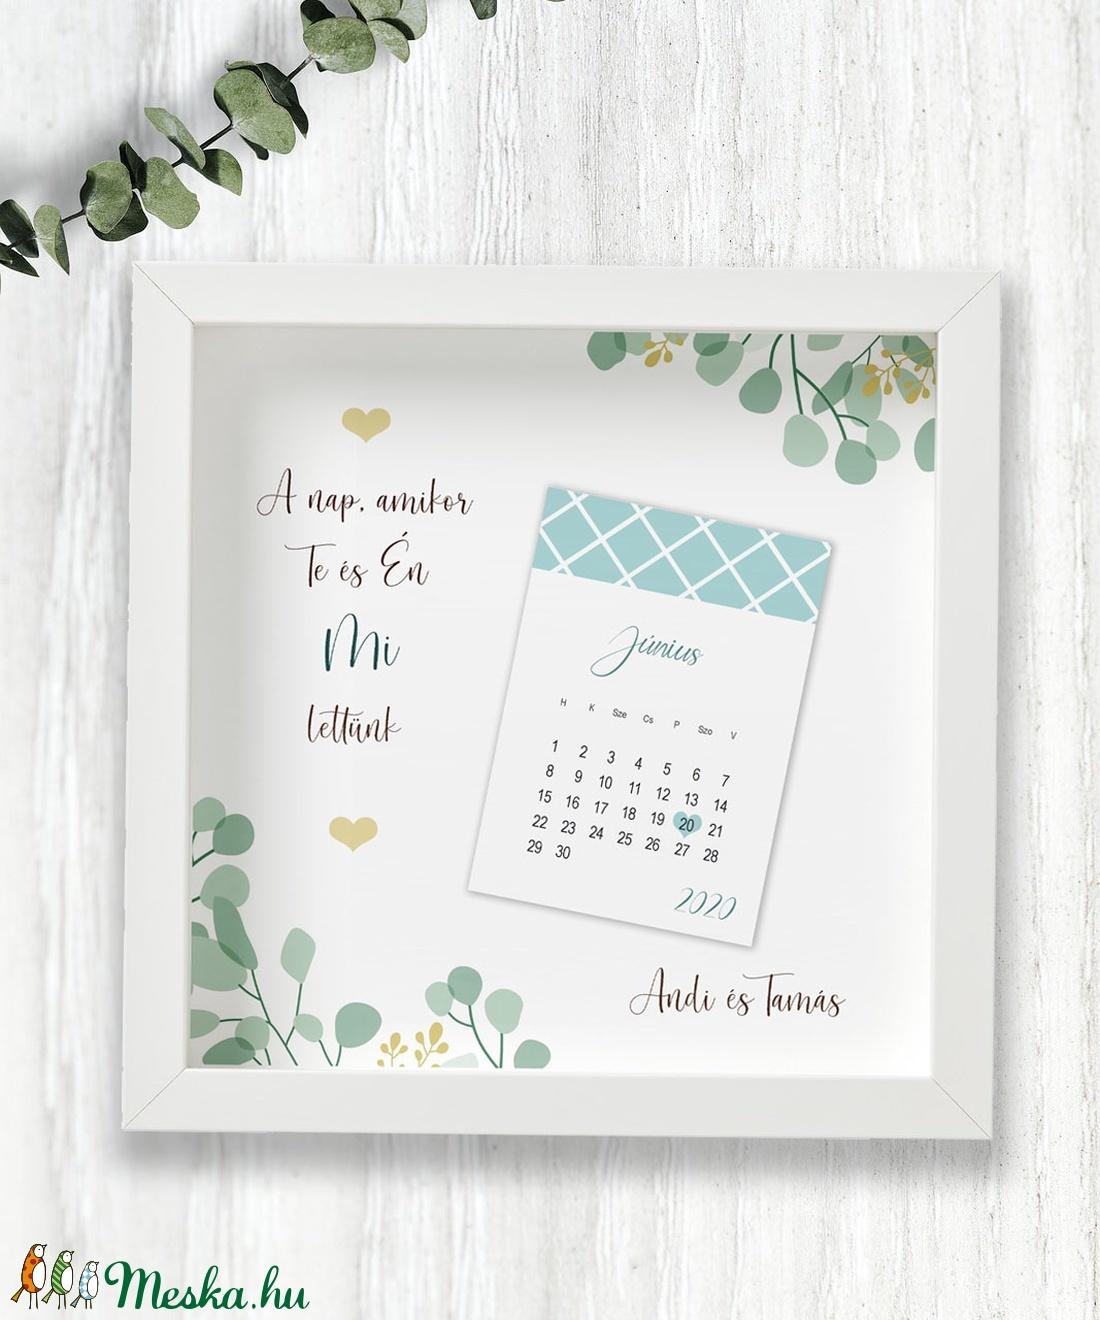 Esküvő napja- kreatív dátumos kép képkeretben/kék (EszDor) - Meska.hu